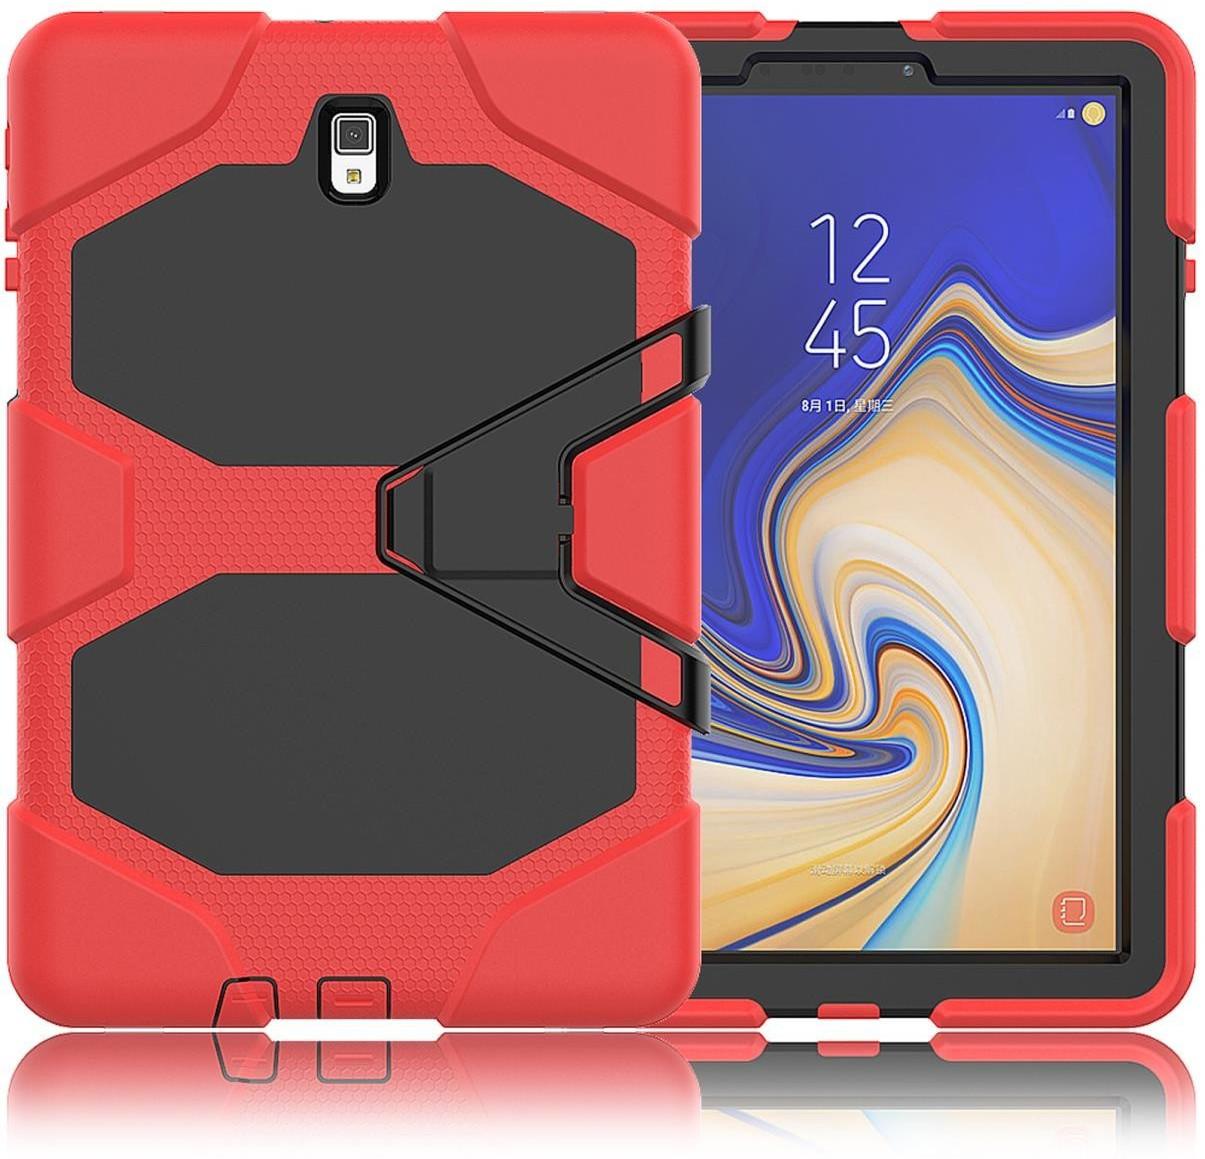 Image of Lobwerk 3in1 Case Galaxy Tab S4 10.5 red (098501)